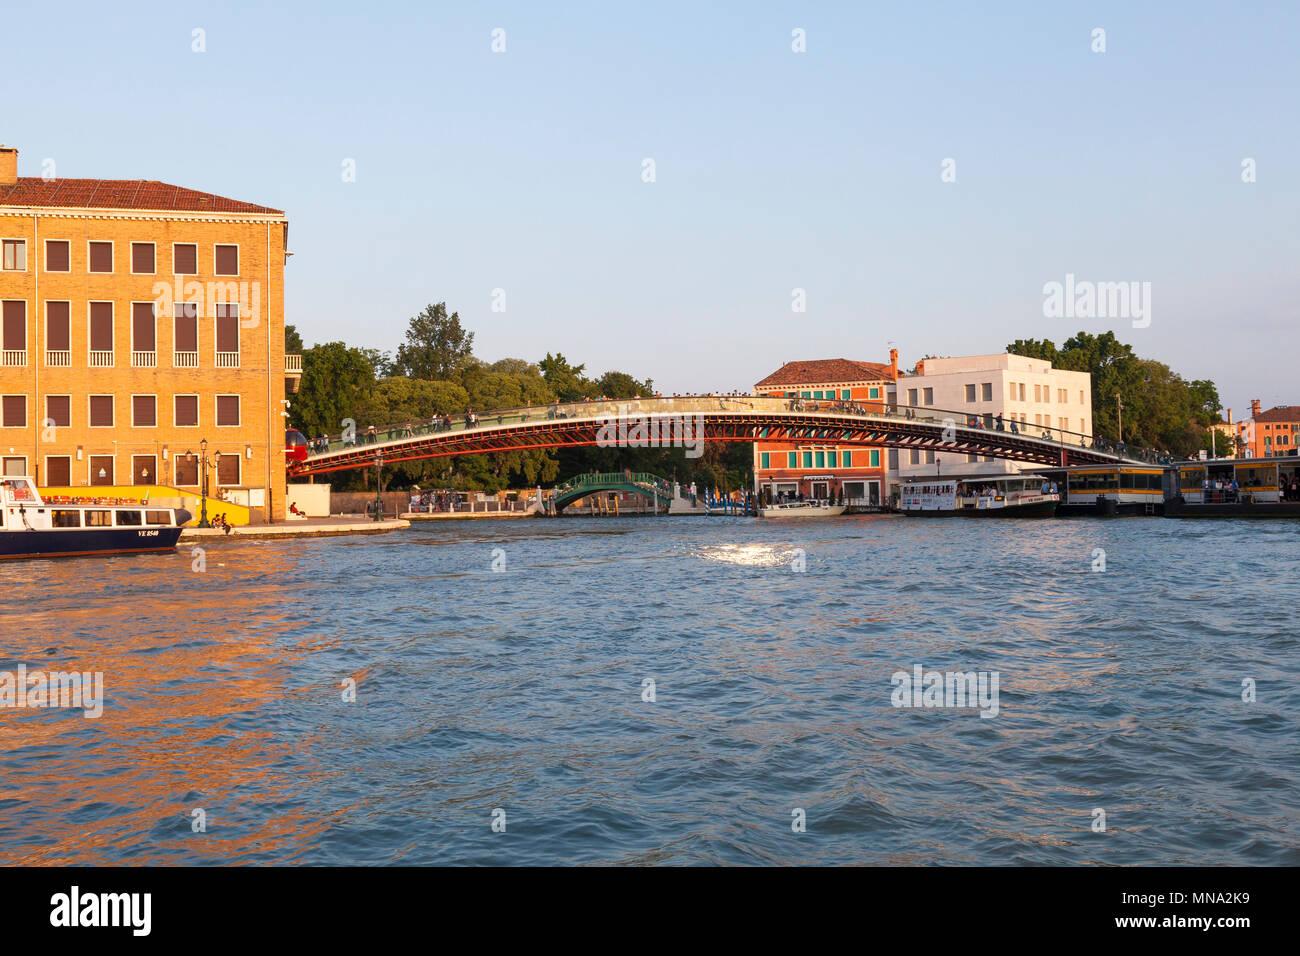 Calatrava Bridge, (Ponte della Costituzione), Grand Canal, Venice,  Veneto, Italy at sunset linking Piazzale Roma with the St Lucia train station - Stock Image